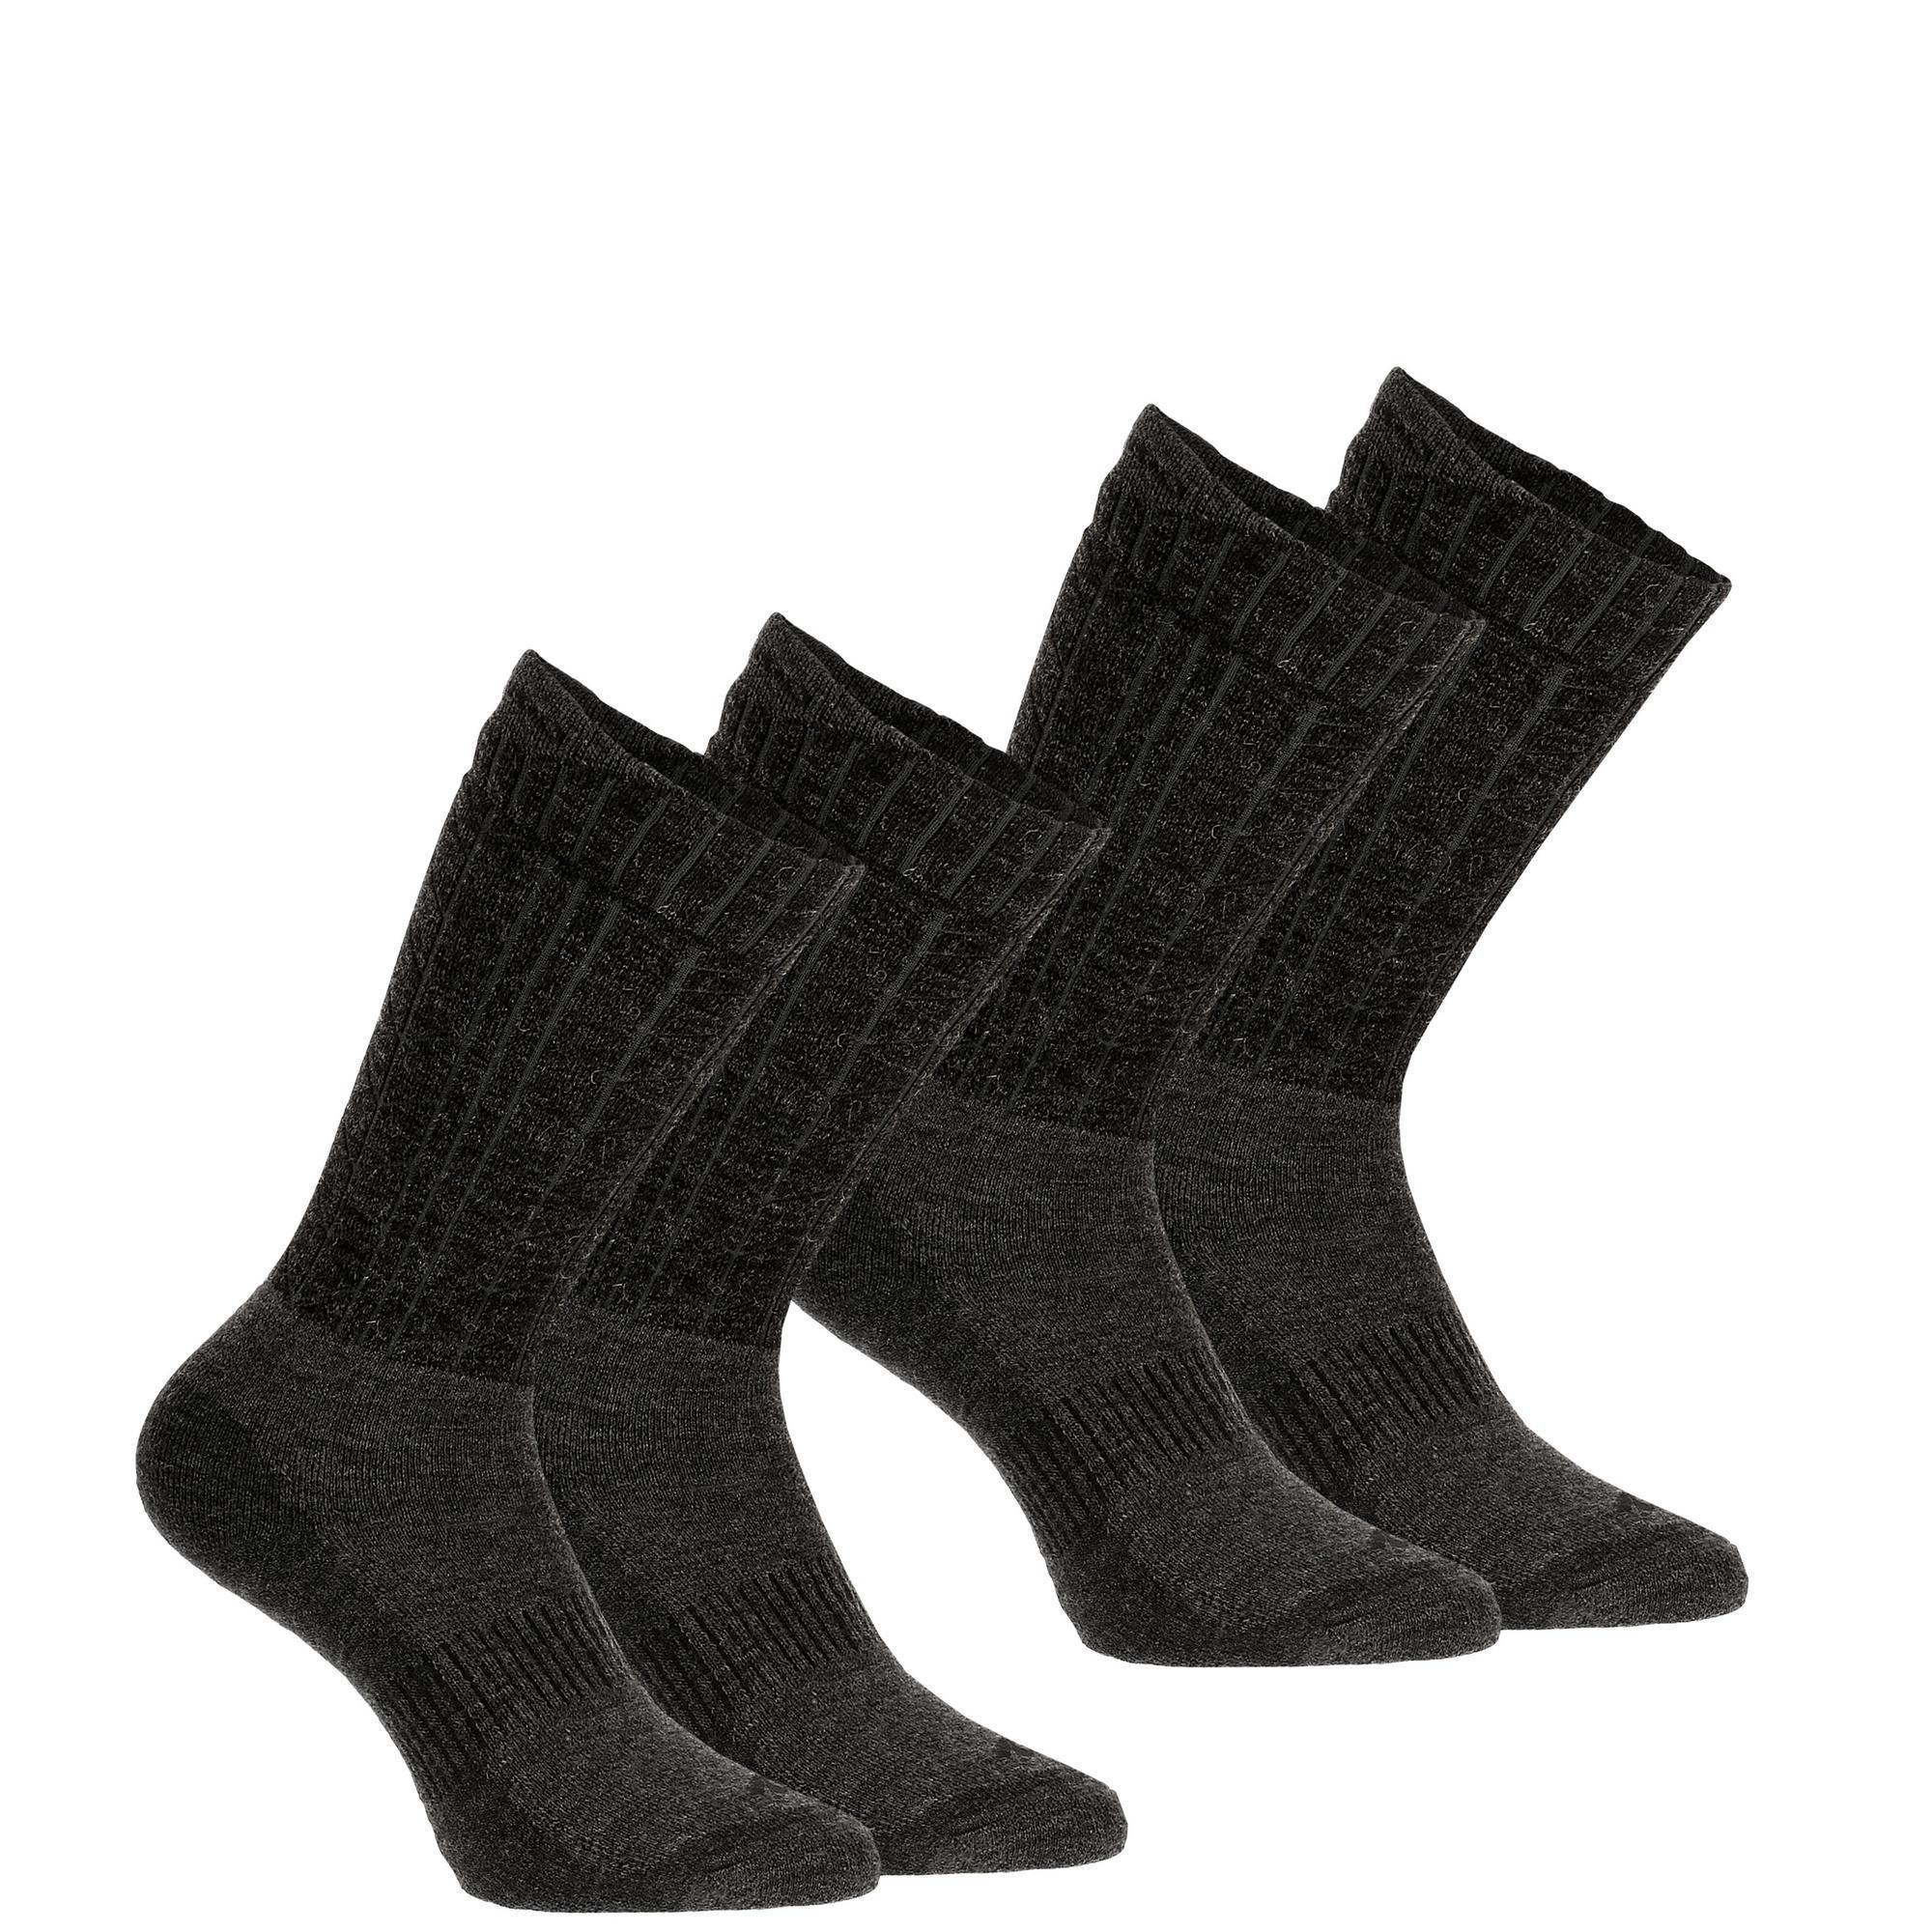 Chaussettes chaudes de randonnée adulte SH500 ultra-warm mid noires X 2 paires - Quechua